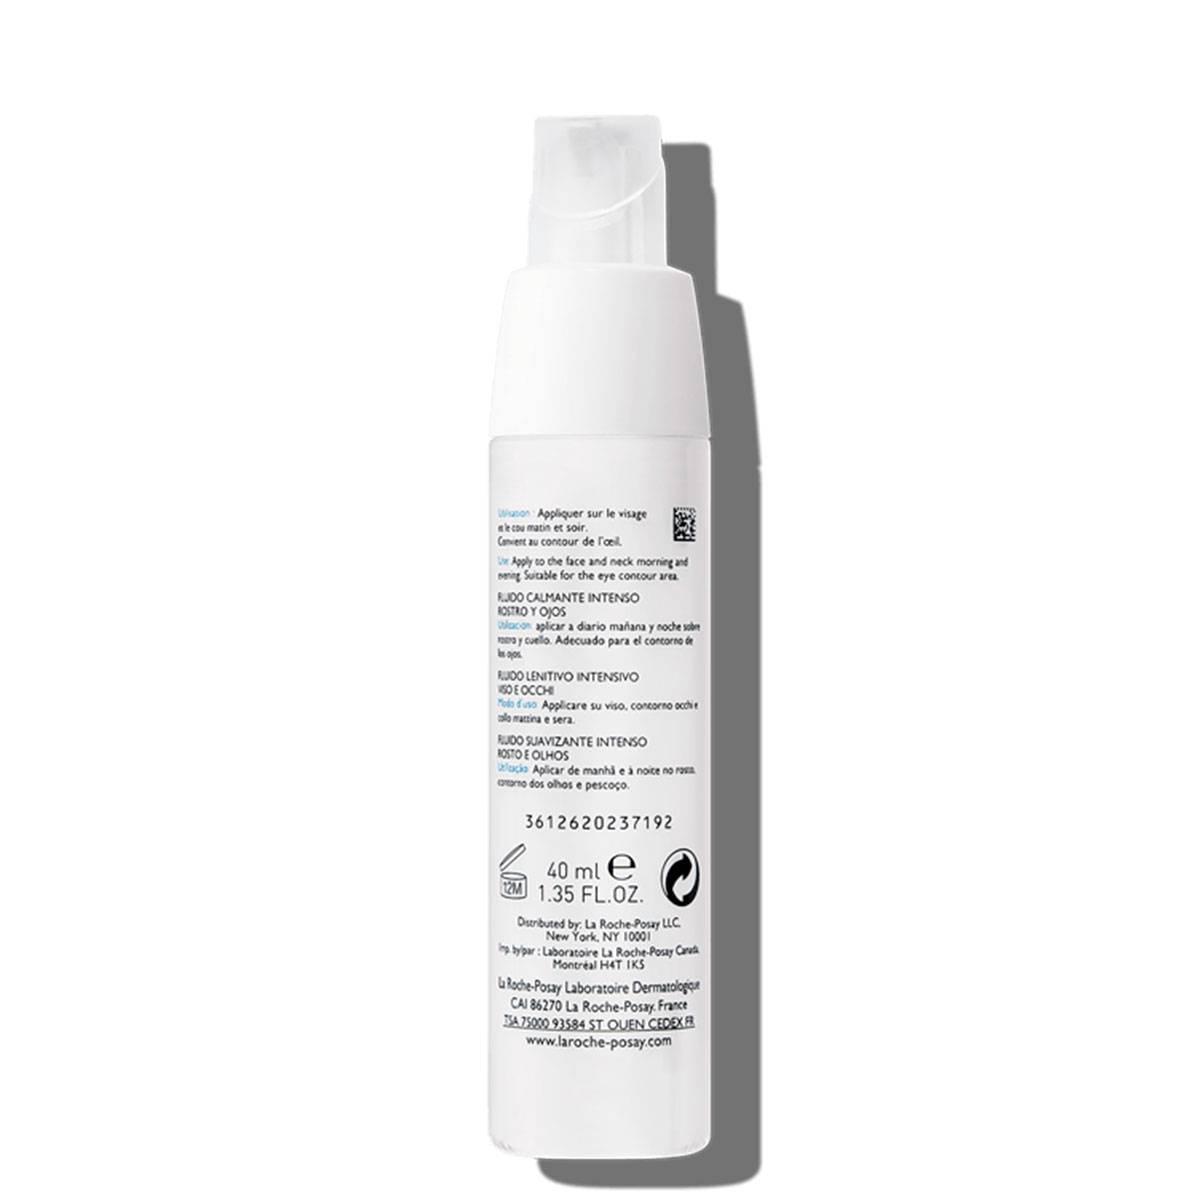 Toleriane Ultra Fluide 40ml Intense Soothing Fluid Face Eyes Tył | La Roche Posay